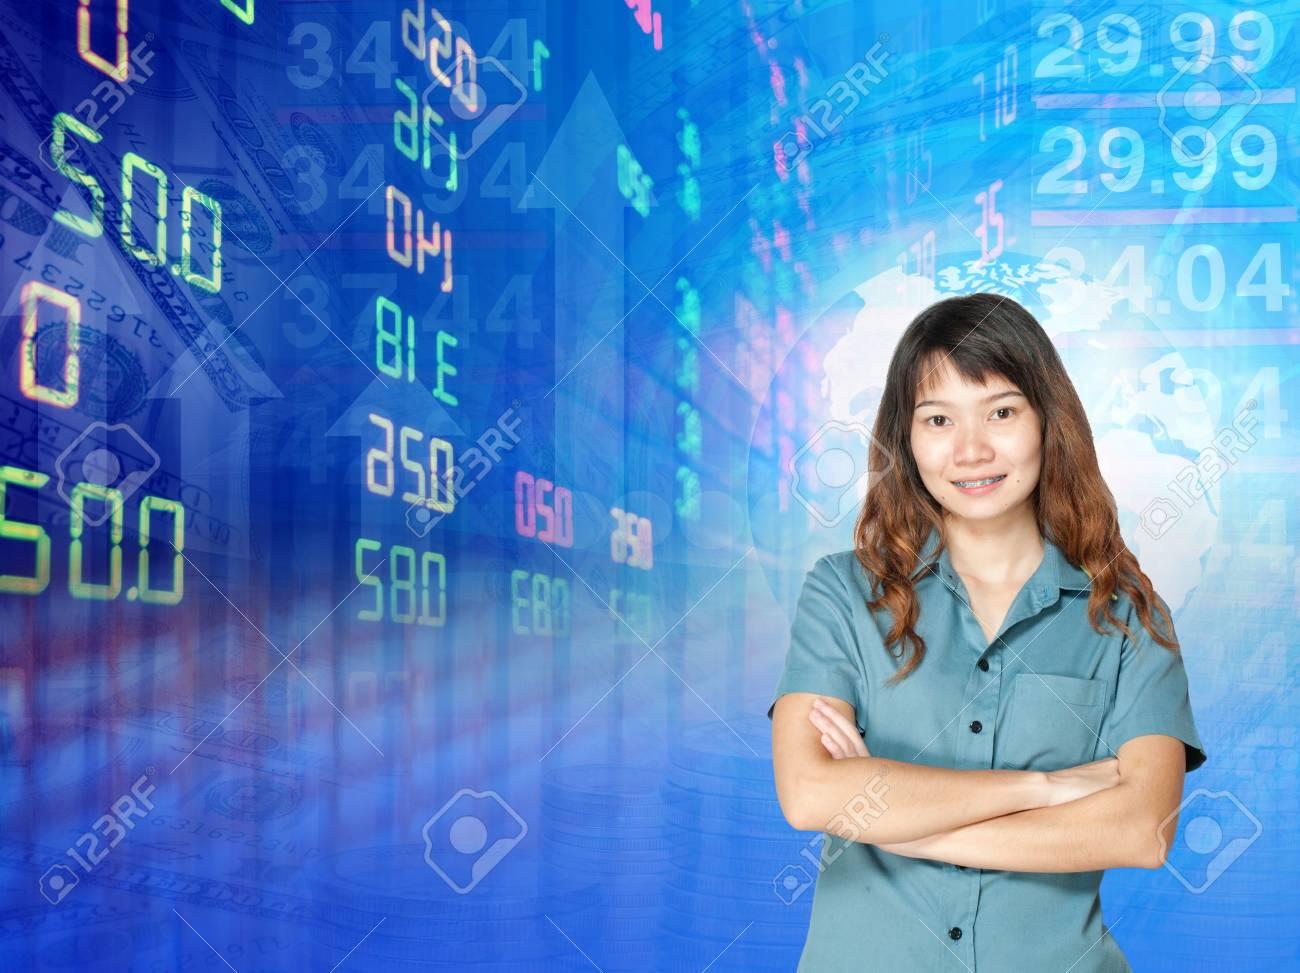 Empresaria O Agente De Bolsa Grafico De Bolsa De Valores